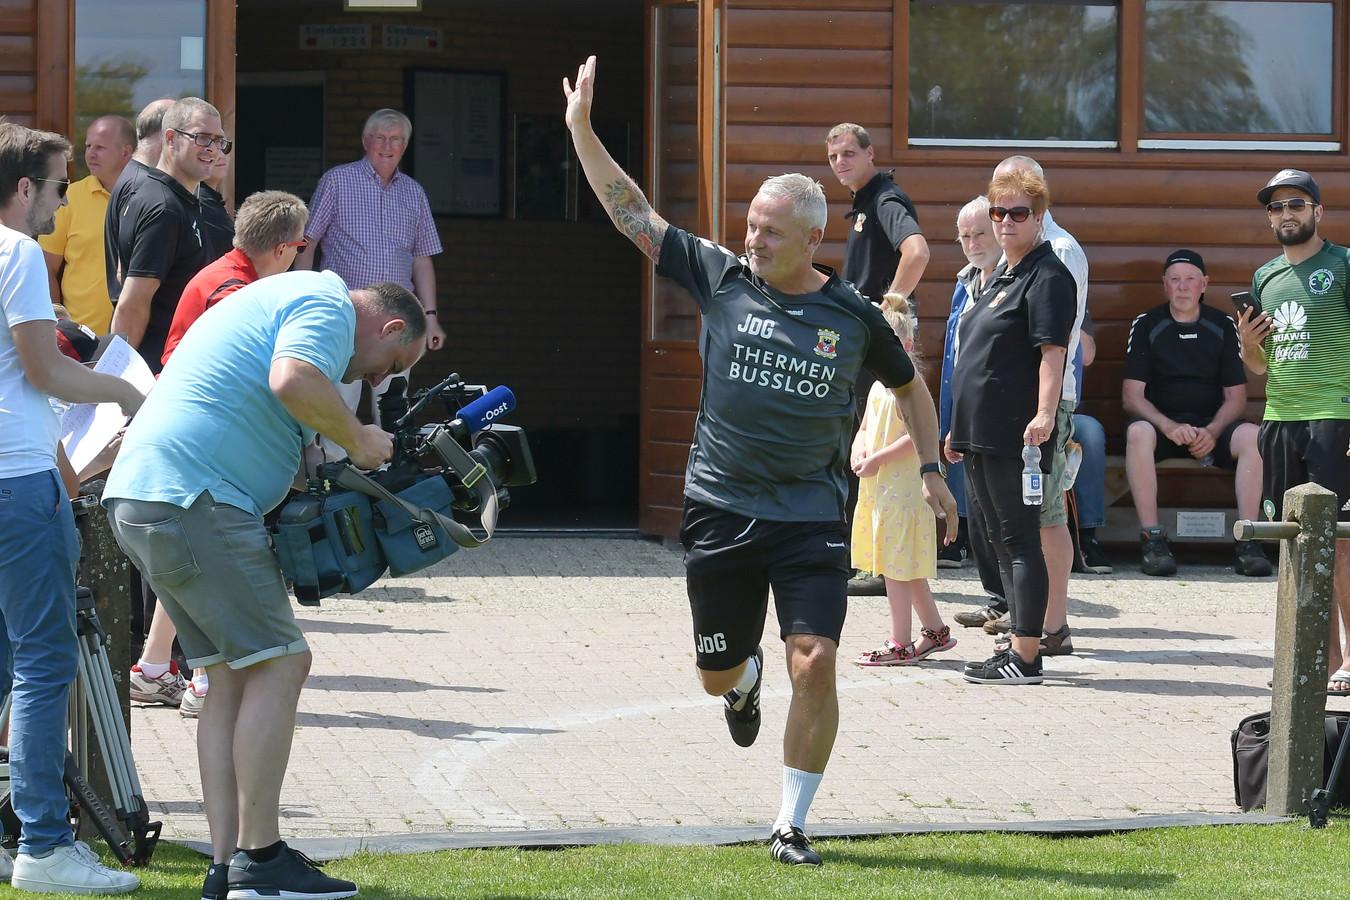 Jack de Gier betreedt voor het eerst het trainingsveld in Terwolde, als nieuwe hoofdtrainer van Go Ahead Eagles.